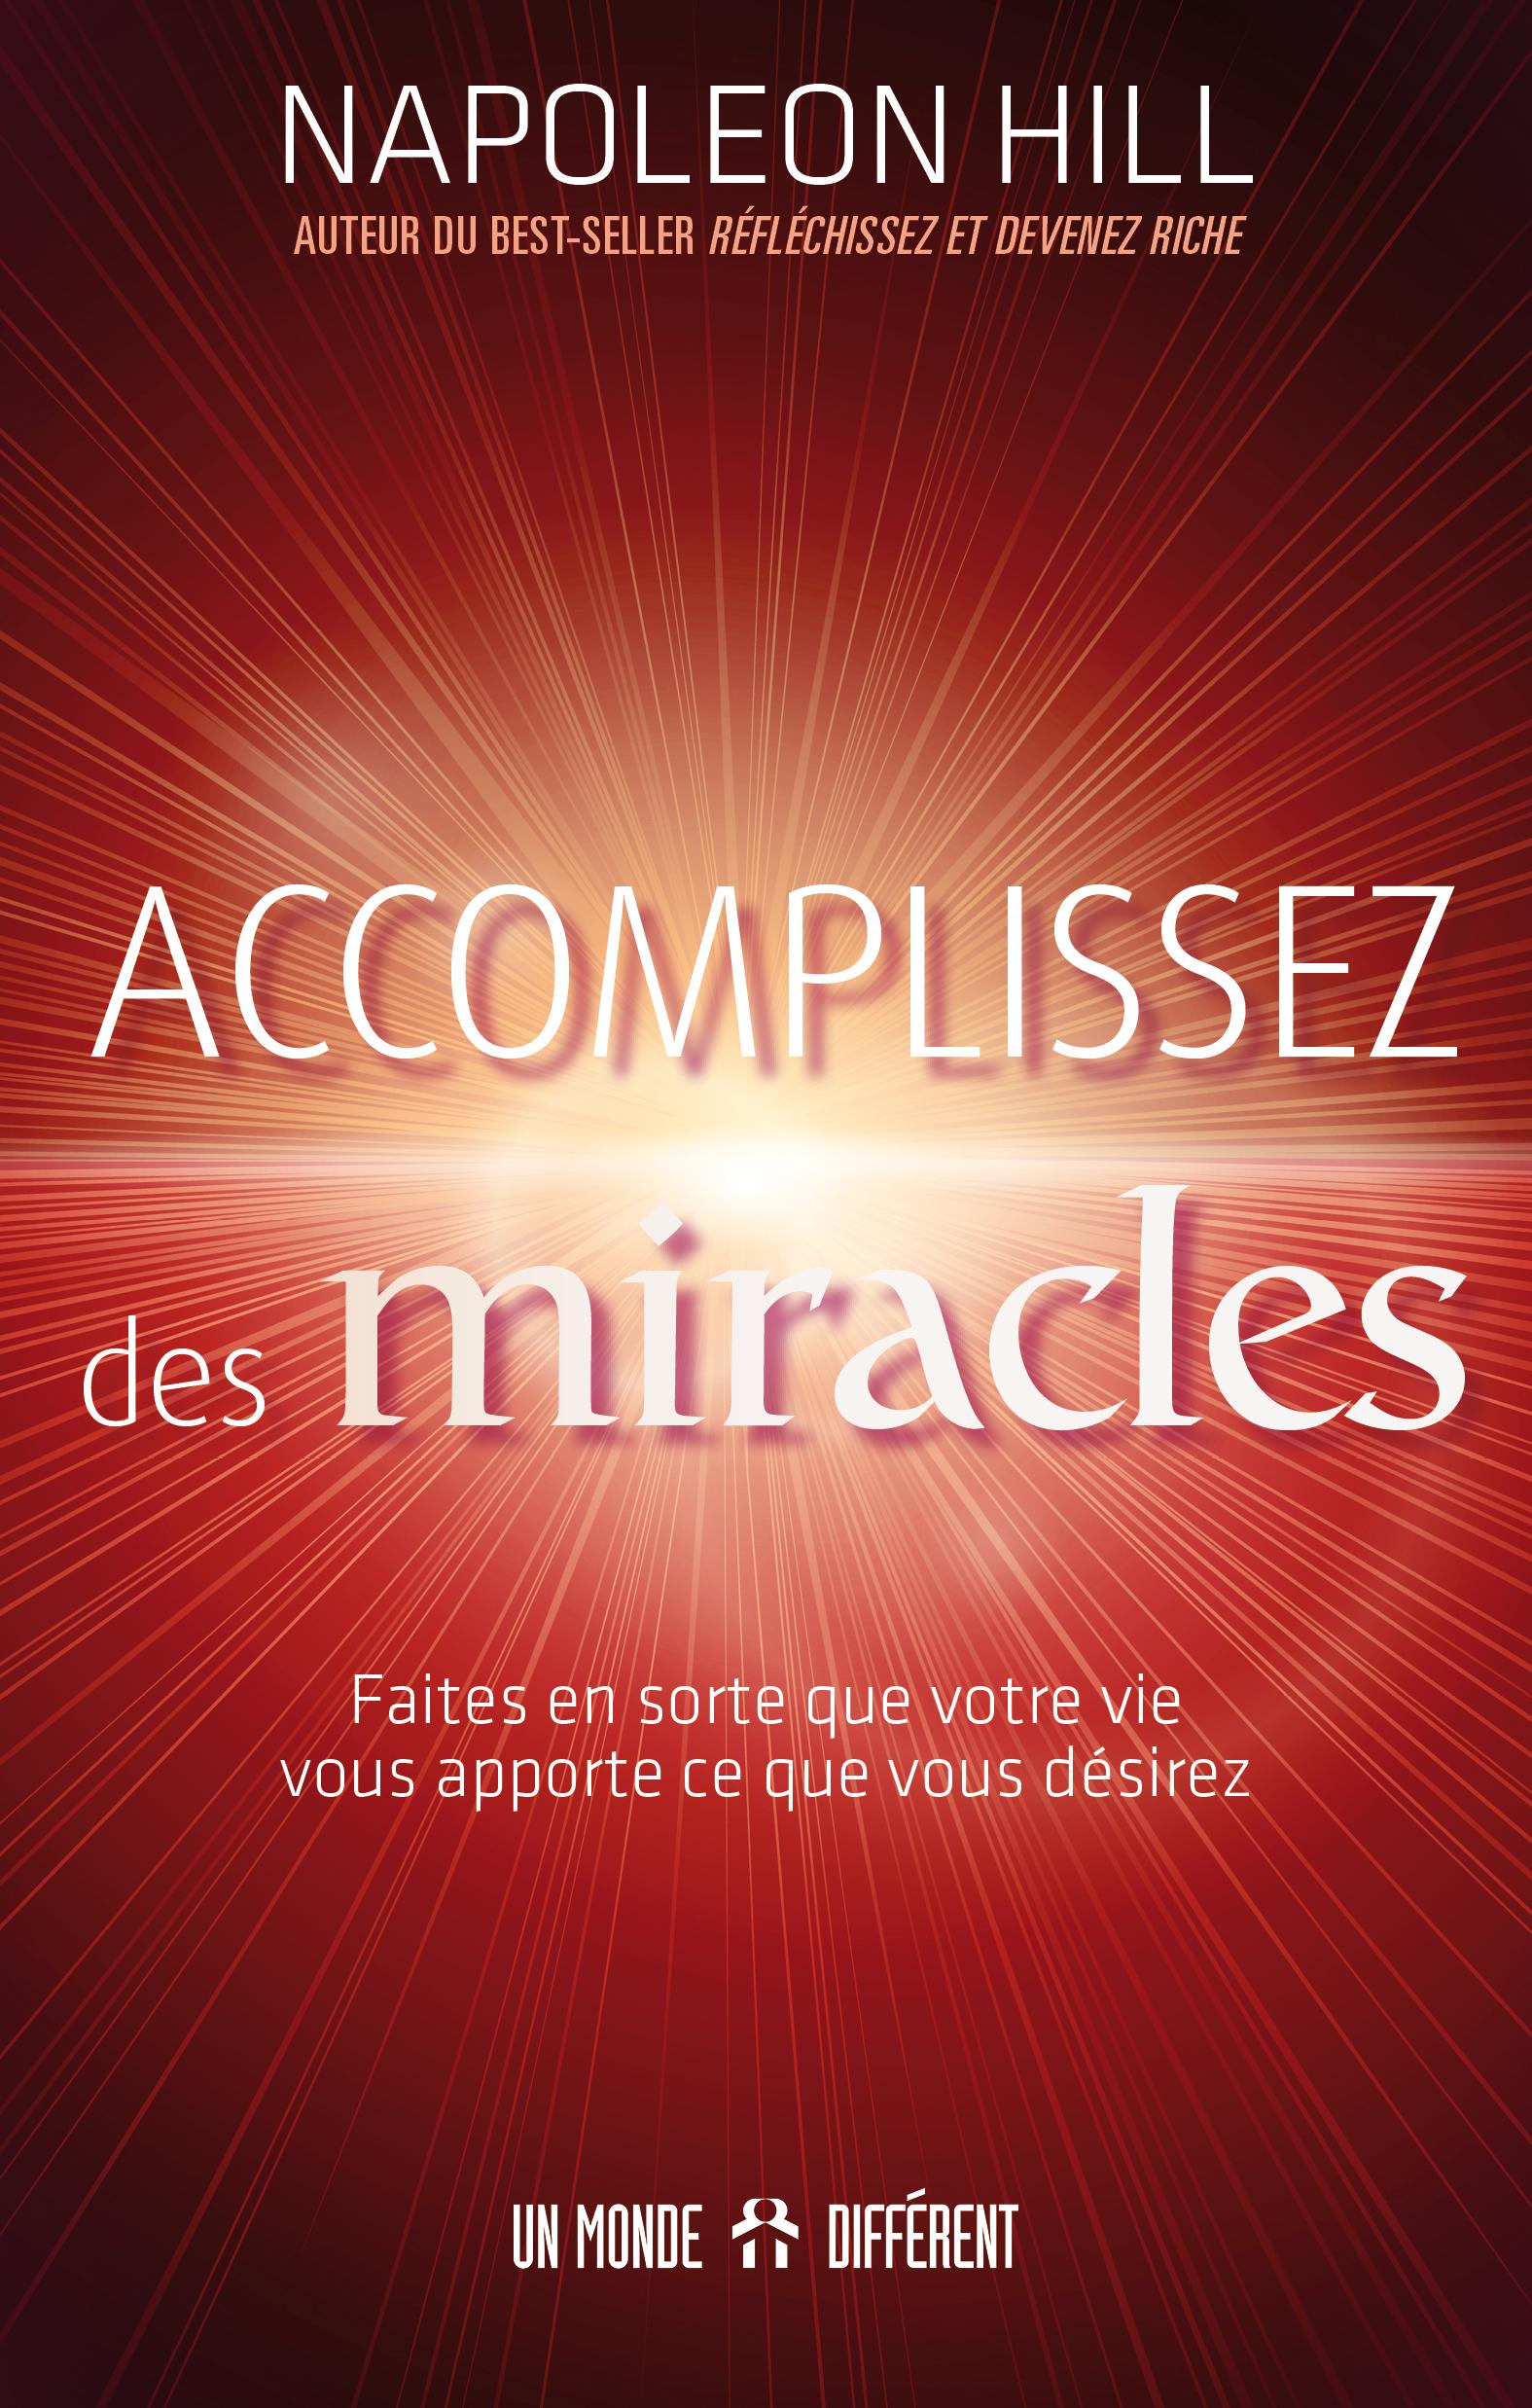 ACCOMPLISSEZ DES MIRACLES